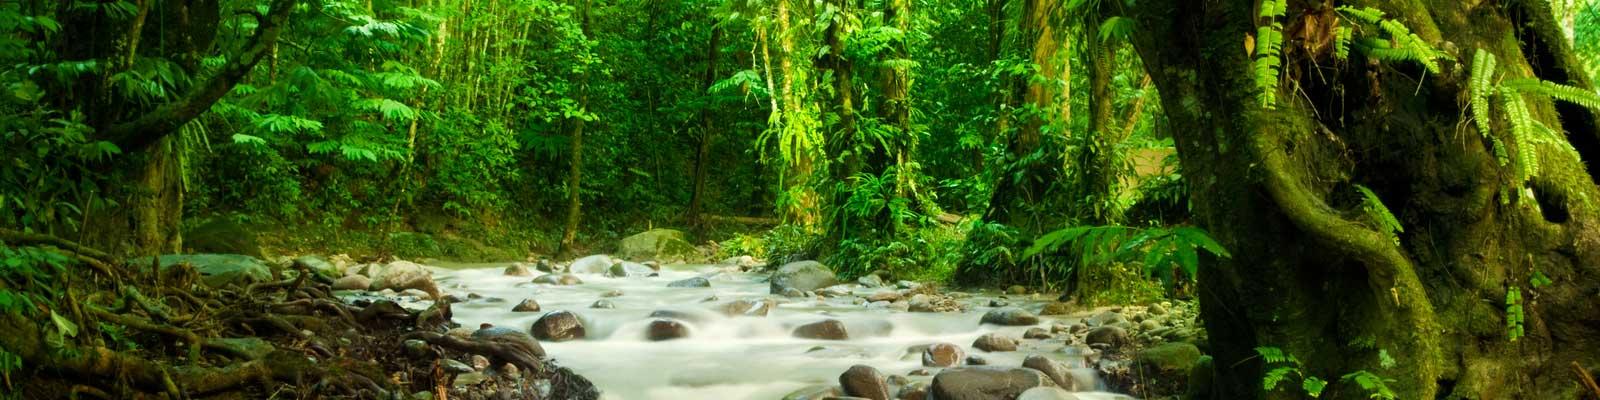 Cachoeira nas Pedras Costa Rica